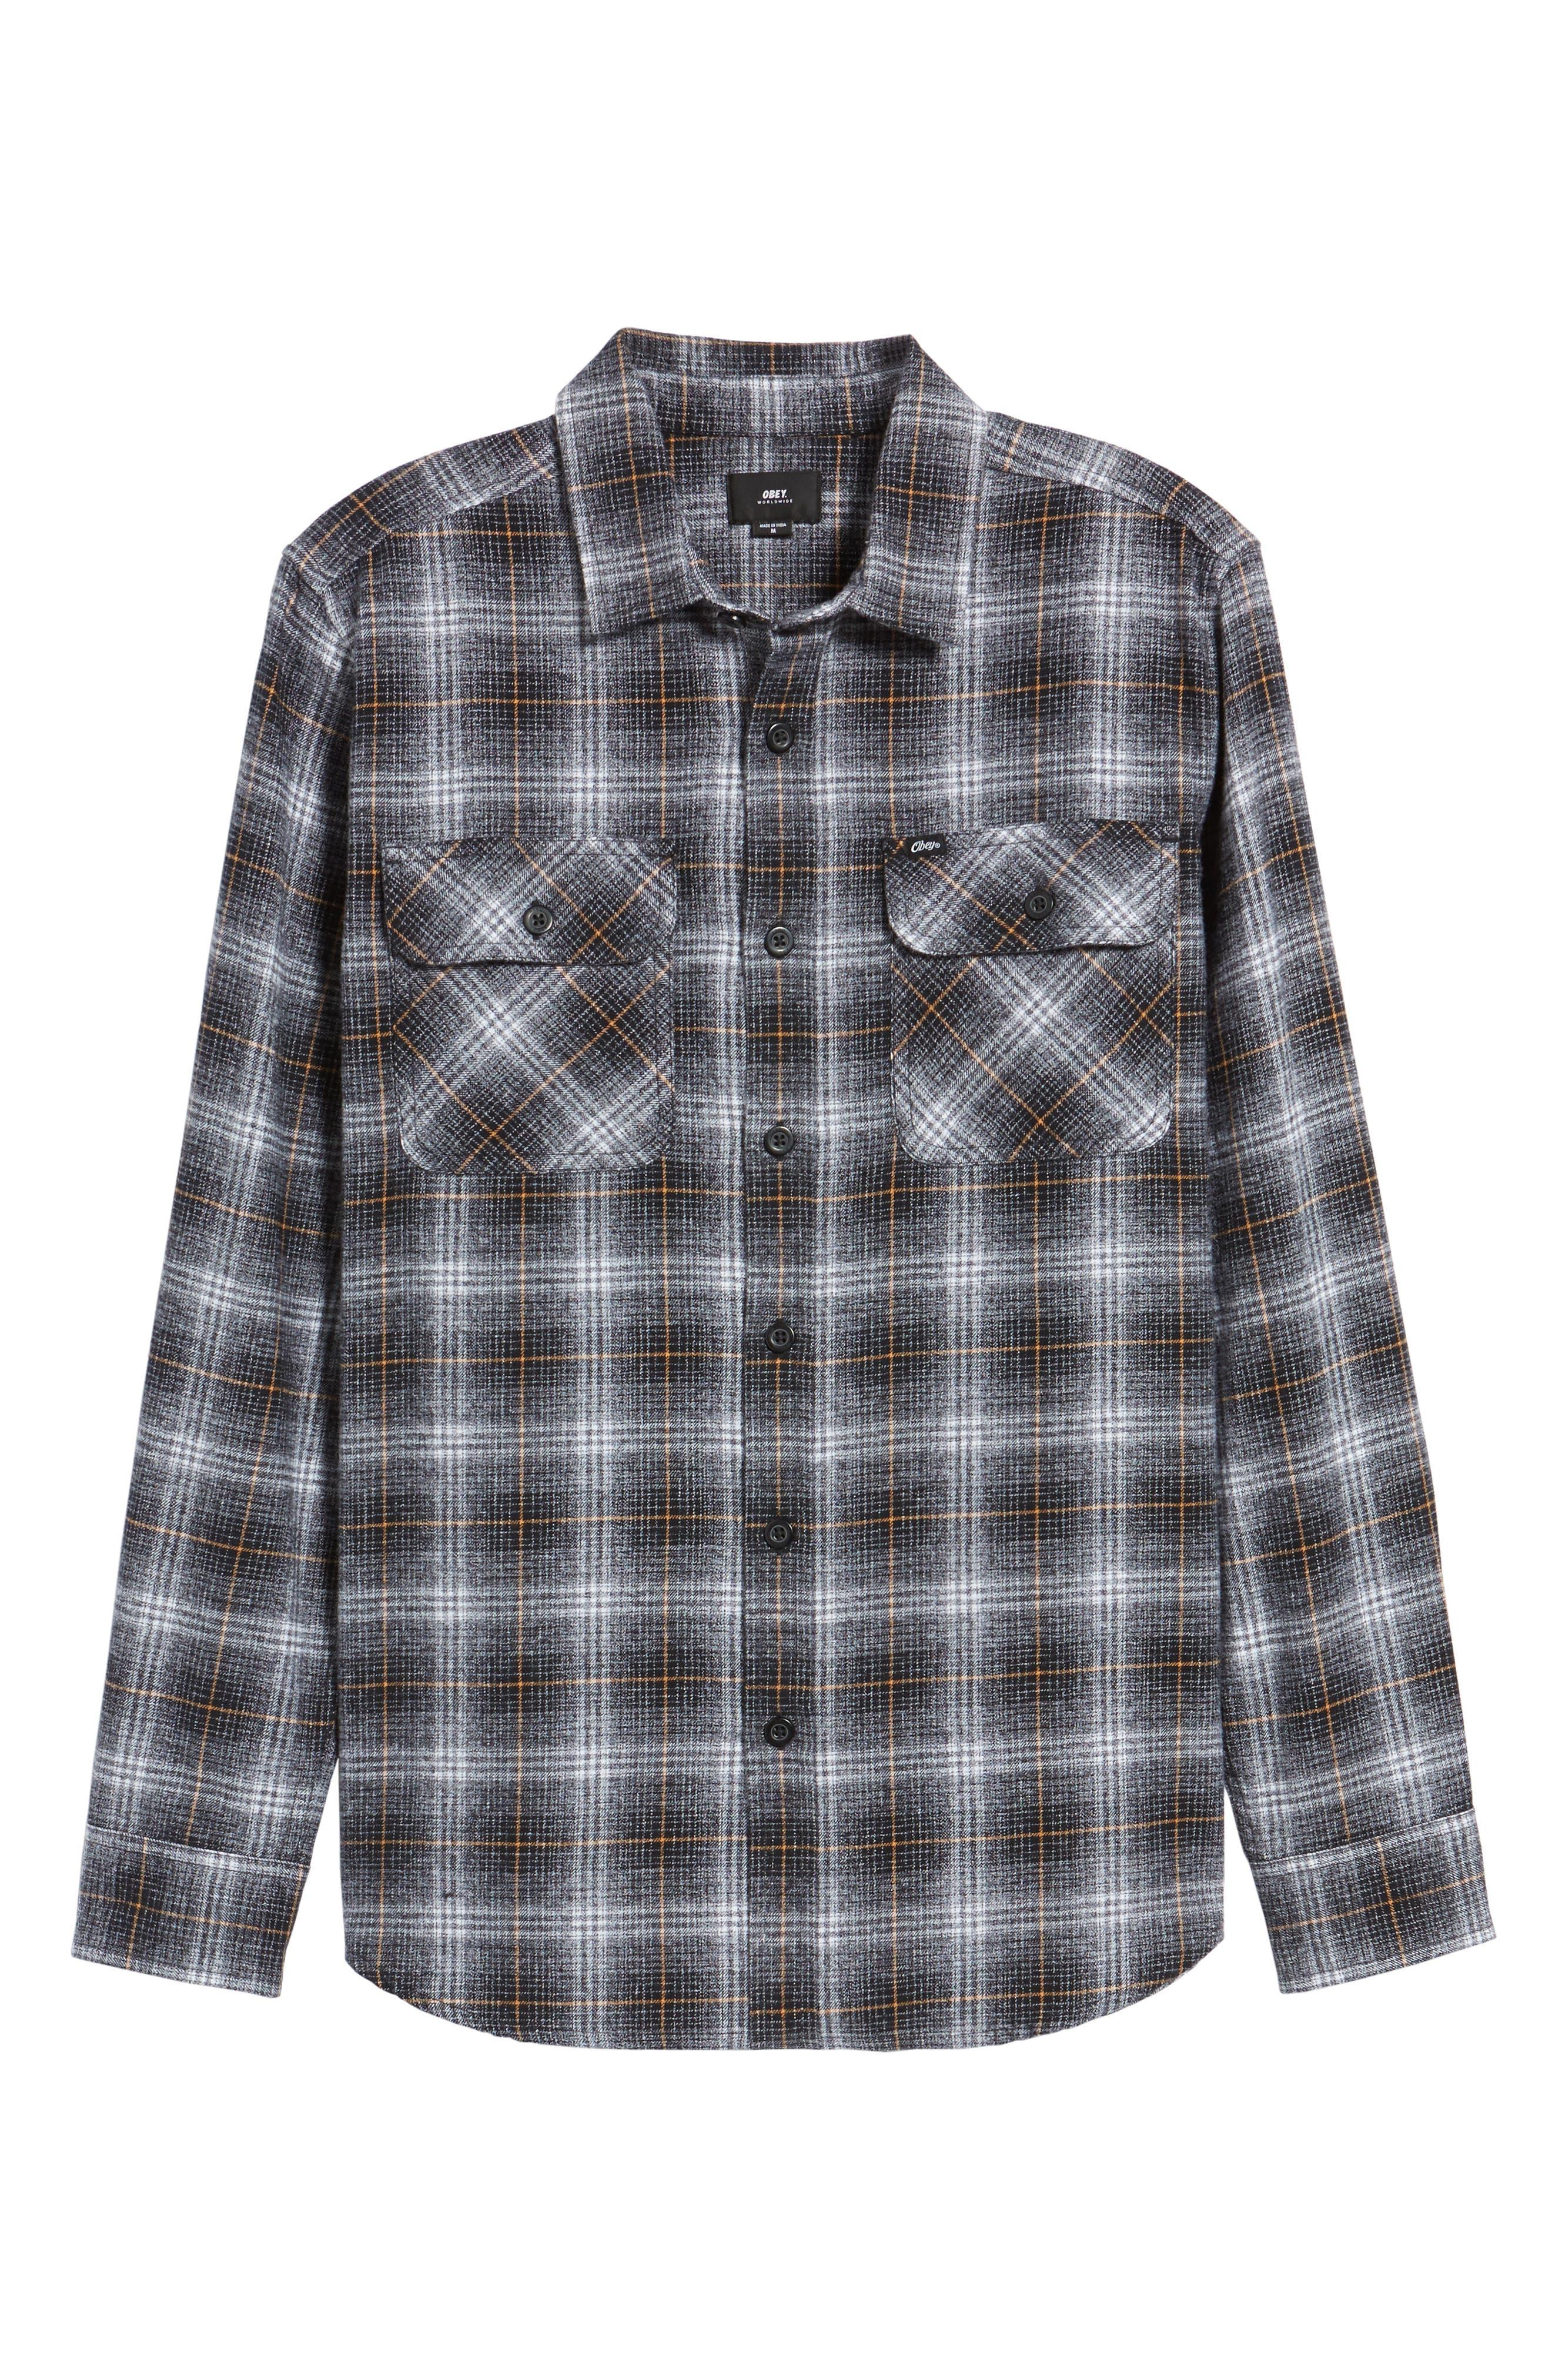 Shriner Flannel Shirt,                             Alternate thumbnail 6, color,                             002